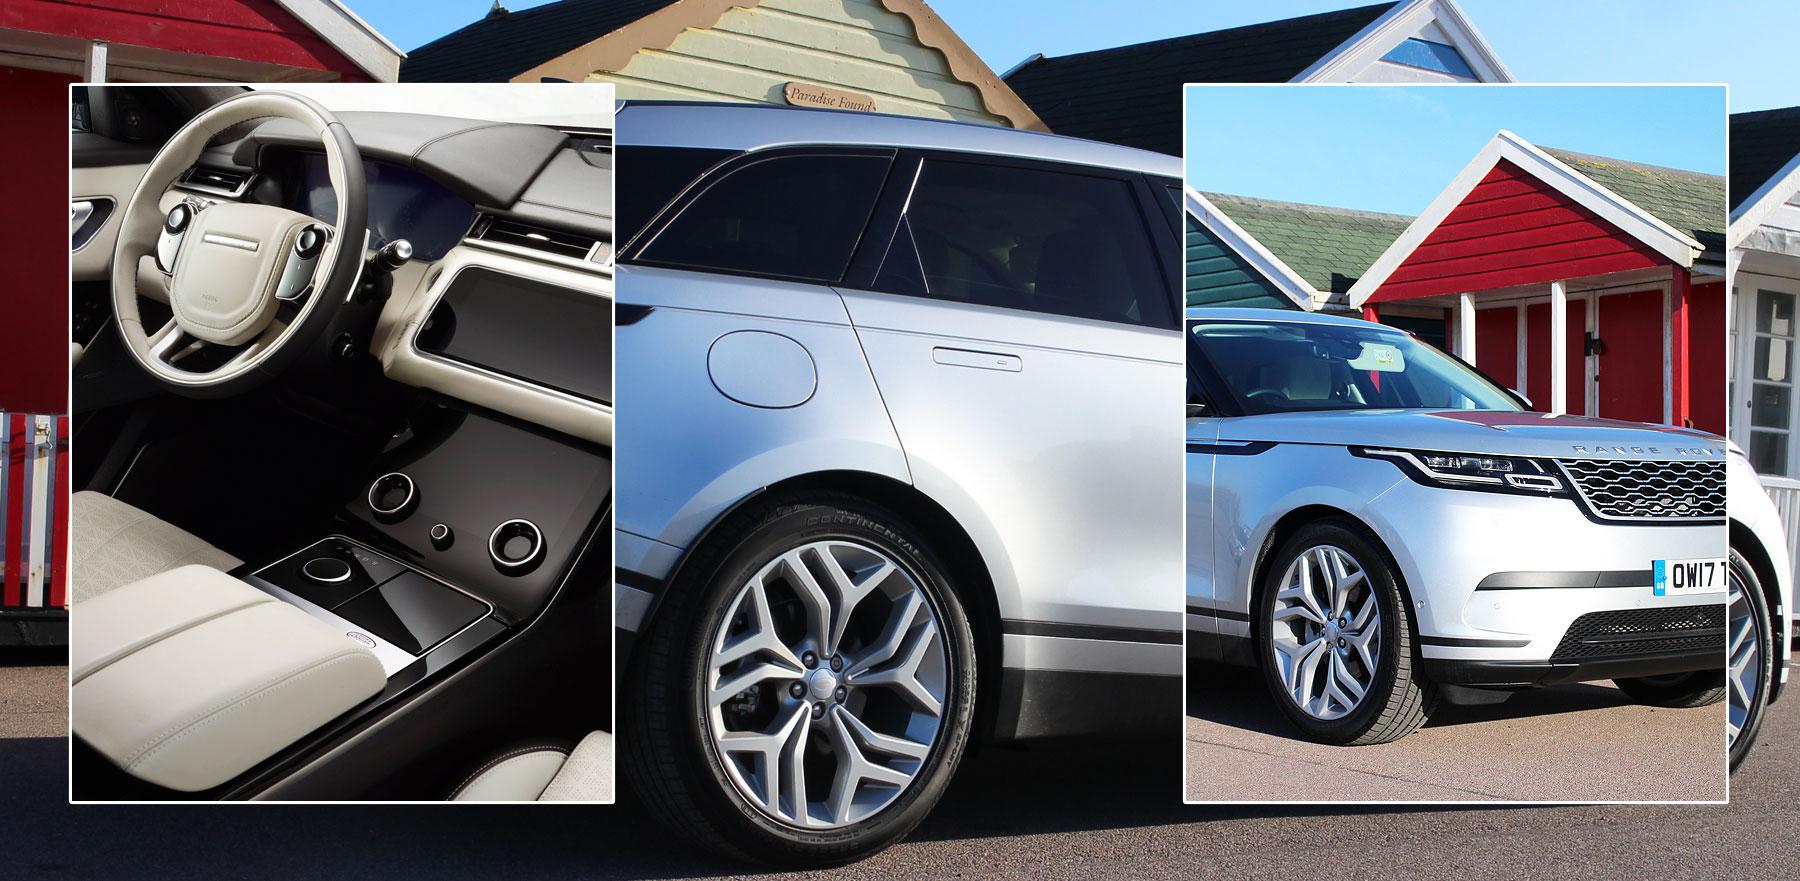 On Test: The Range Rover Velar HSE D240